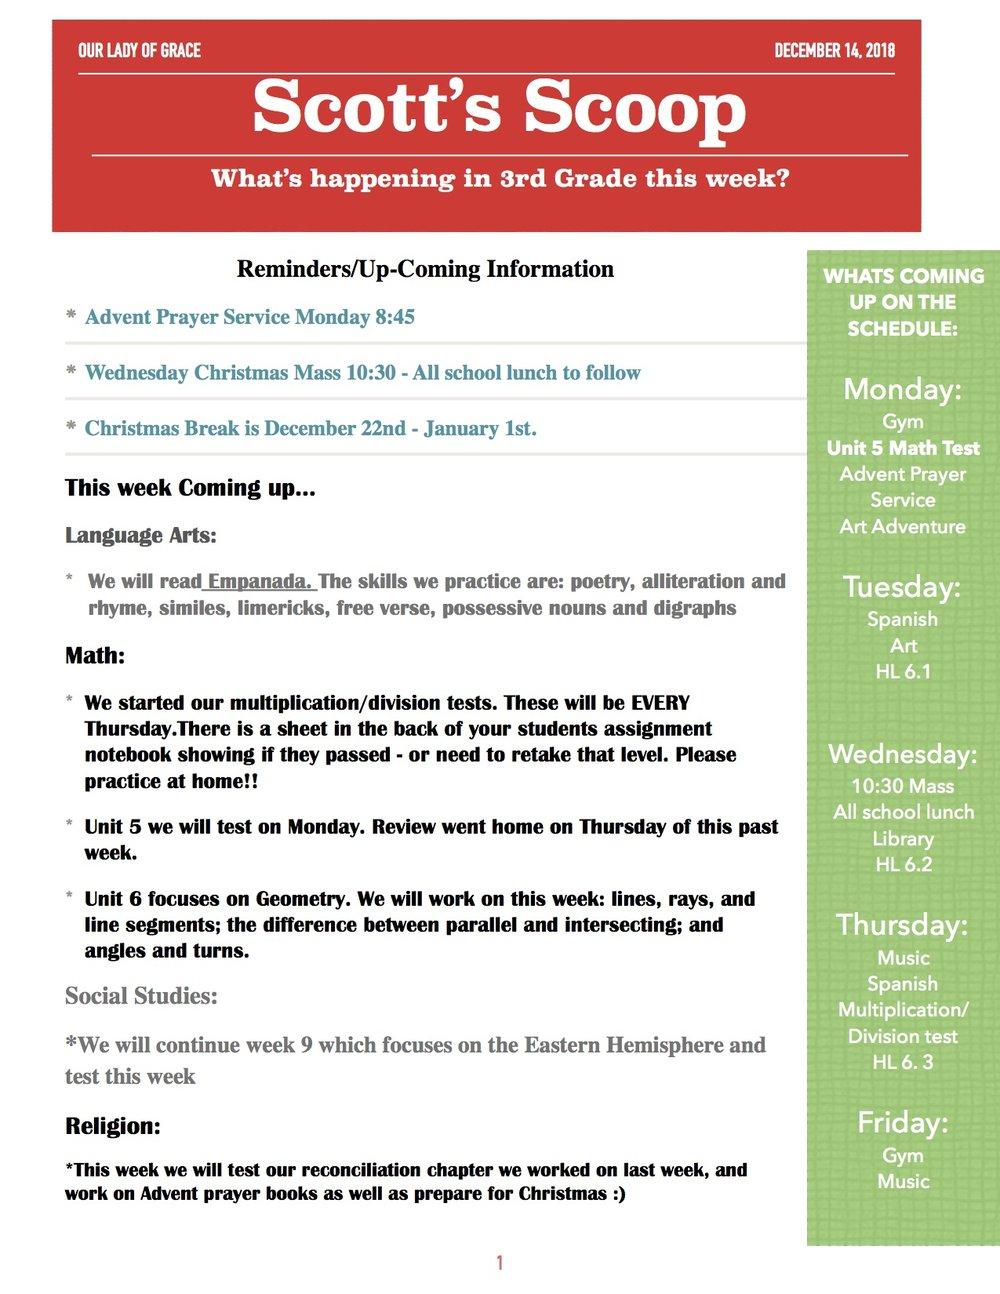 Newsletter 12.14.18.jpg